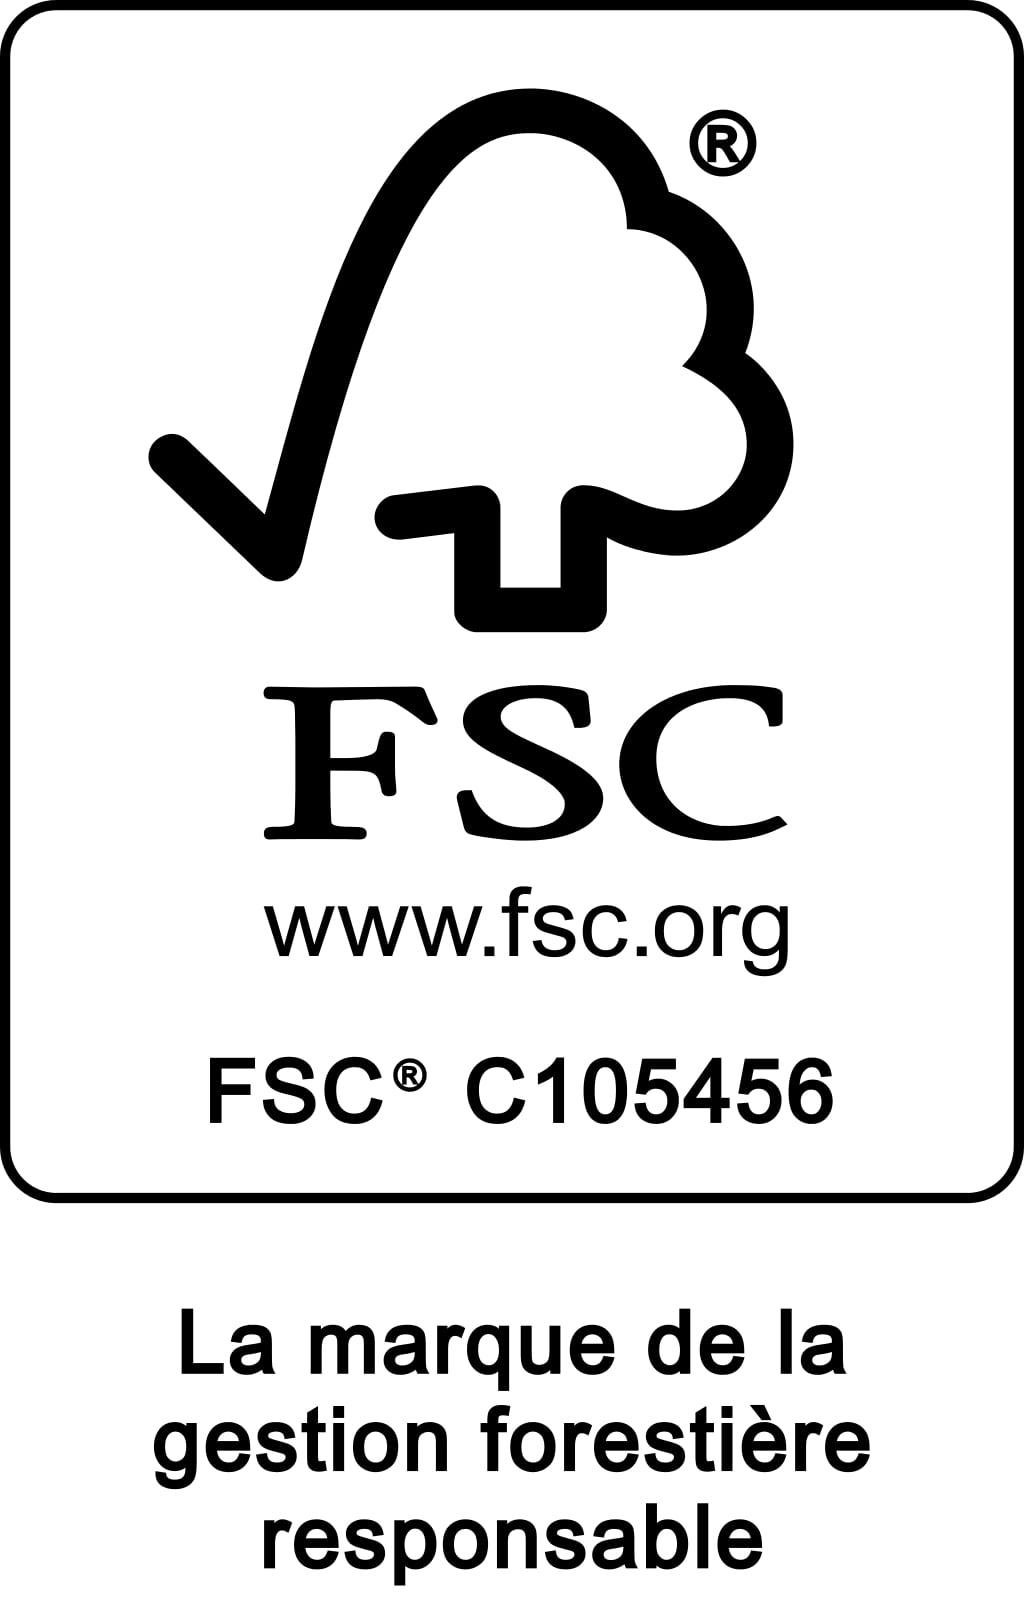 Logo de certification FSC